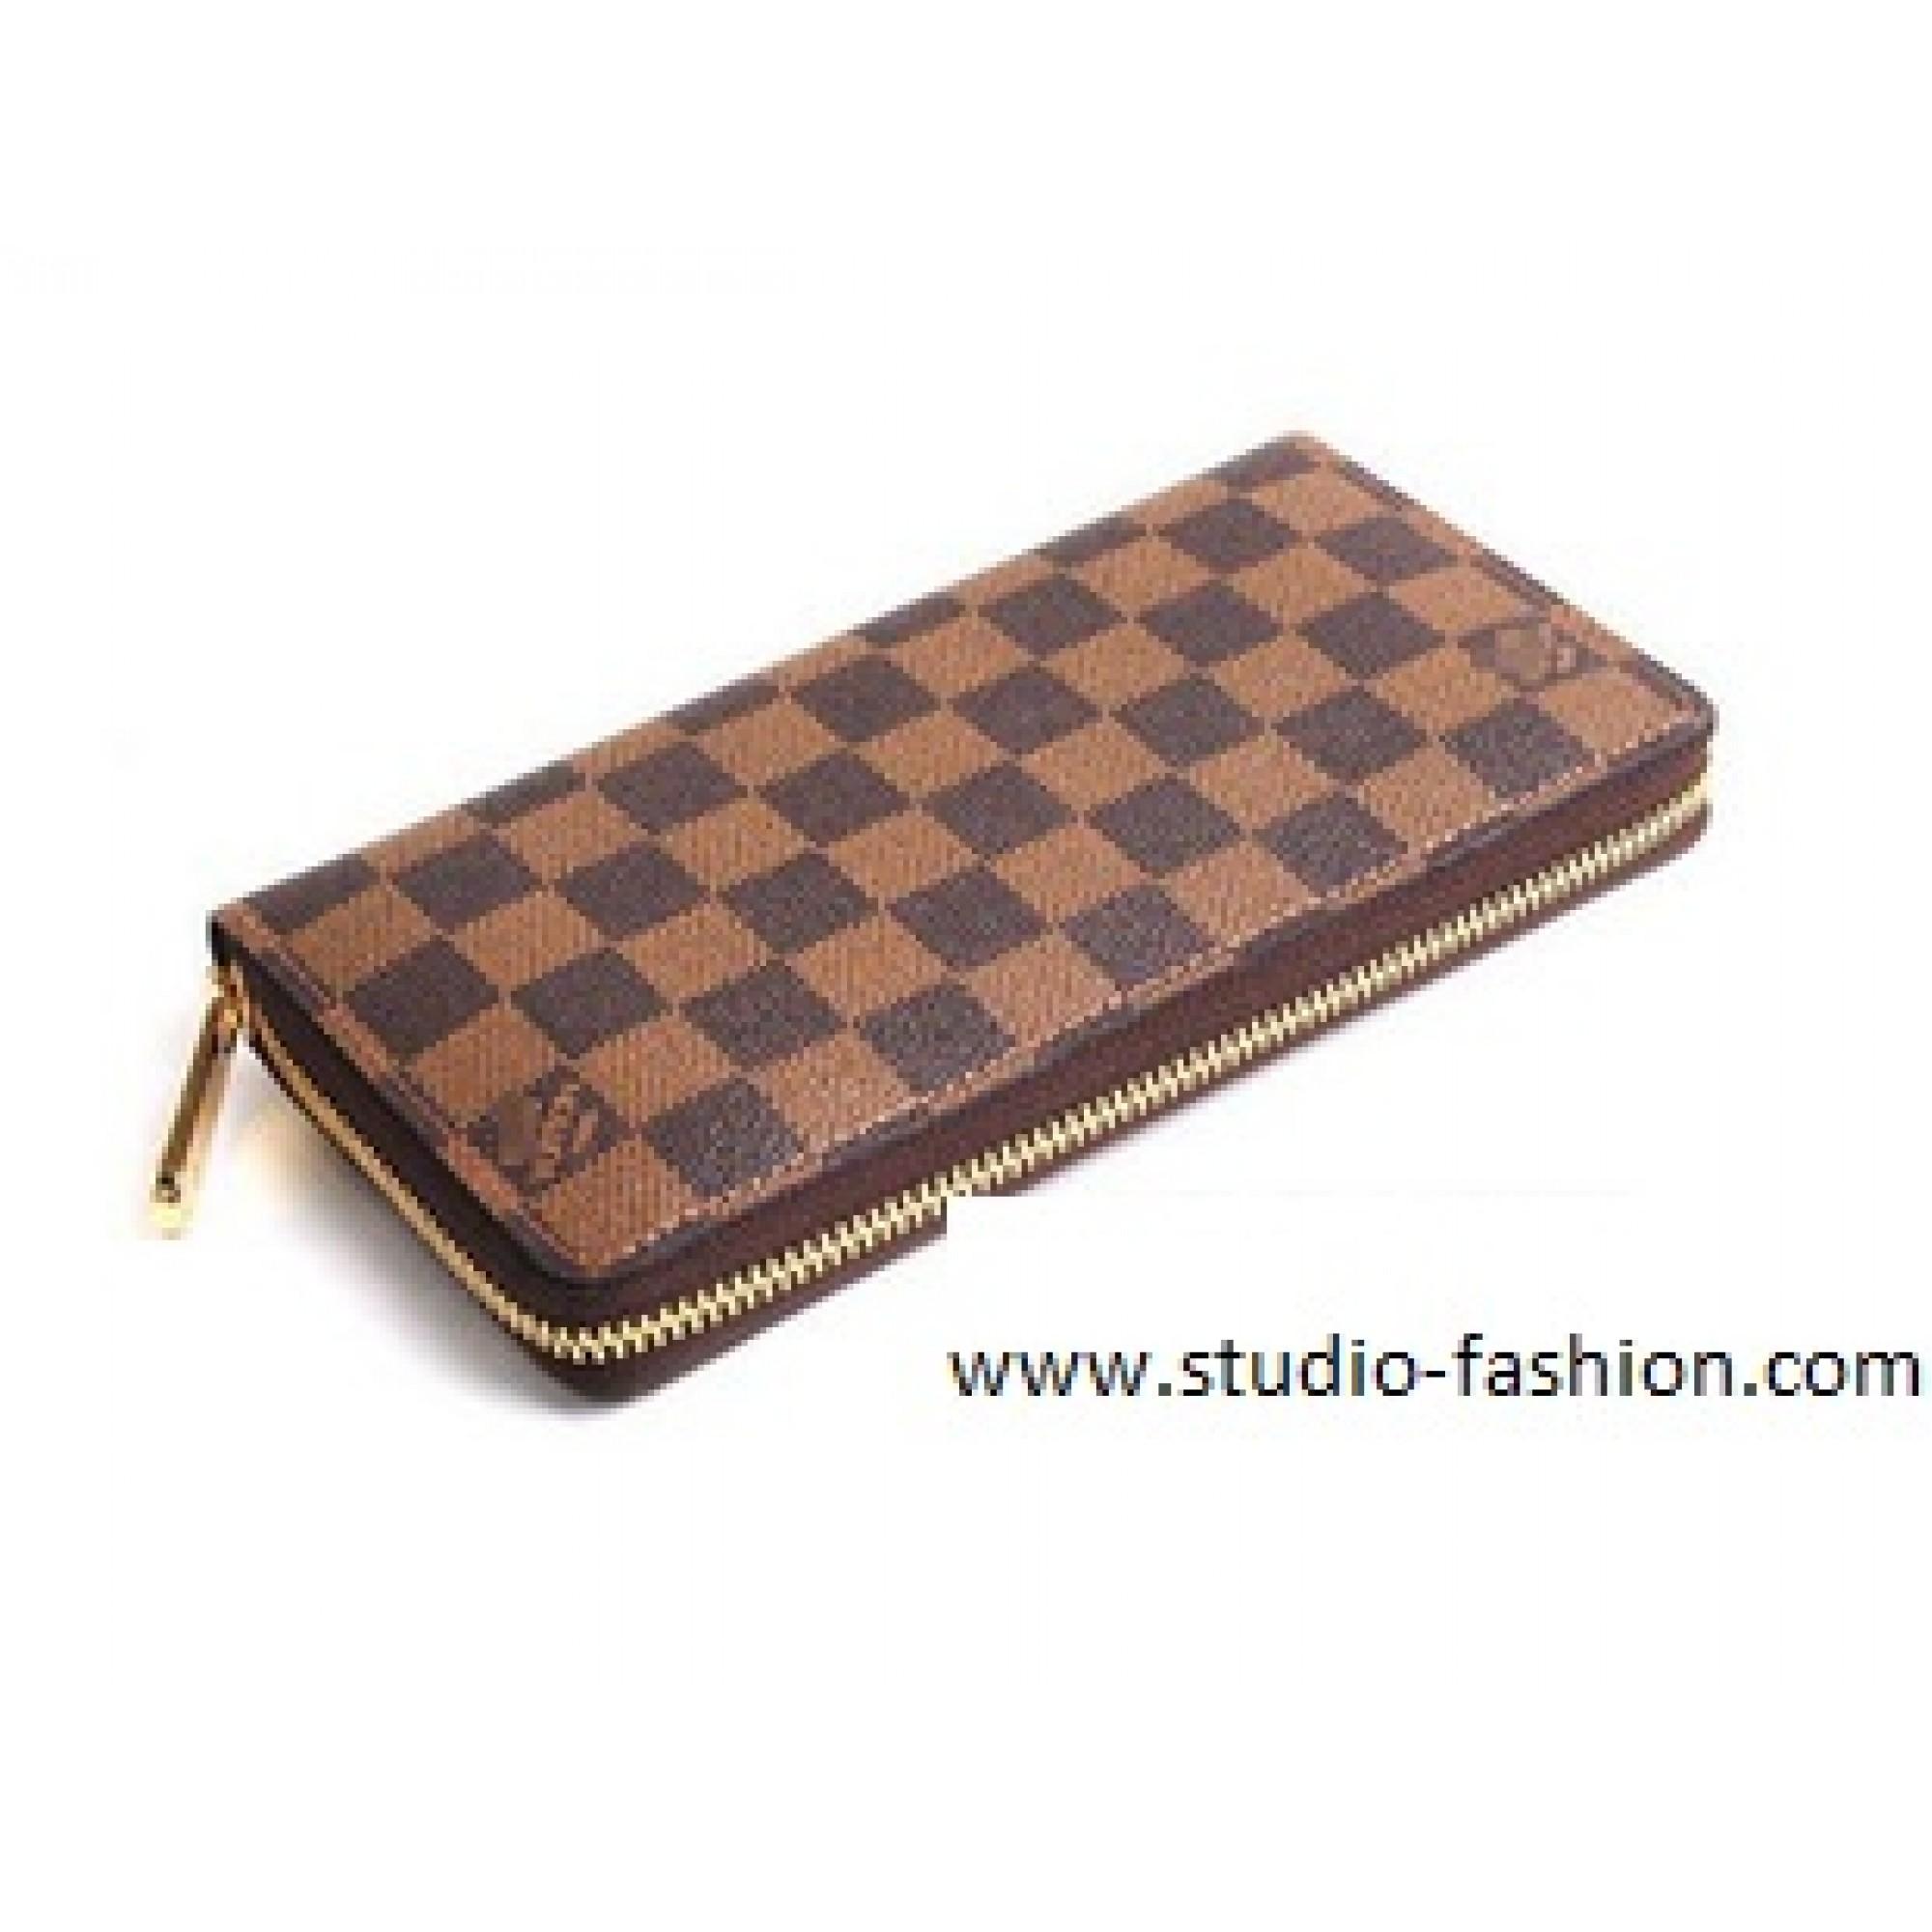 909e77c09a2f Купить кошелек мужской от Louis Vuitton — в Киеве, код товара 5666